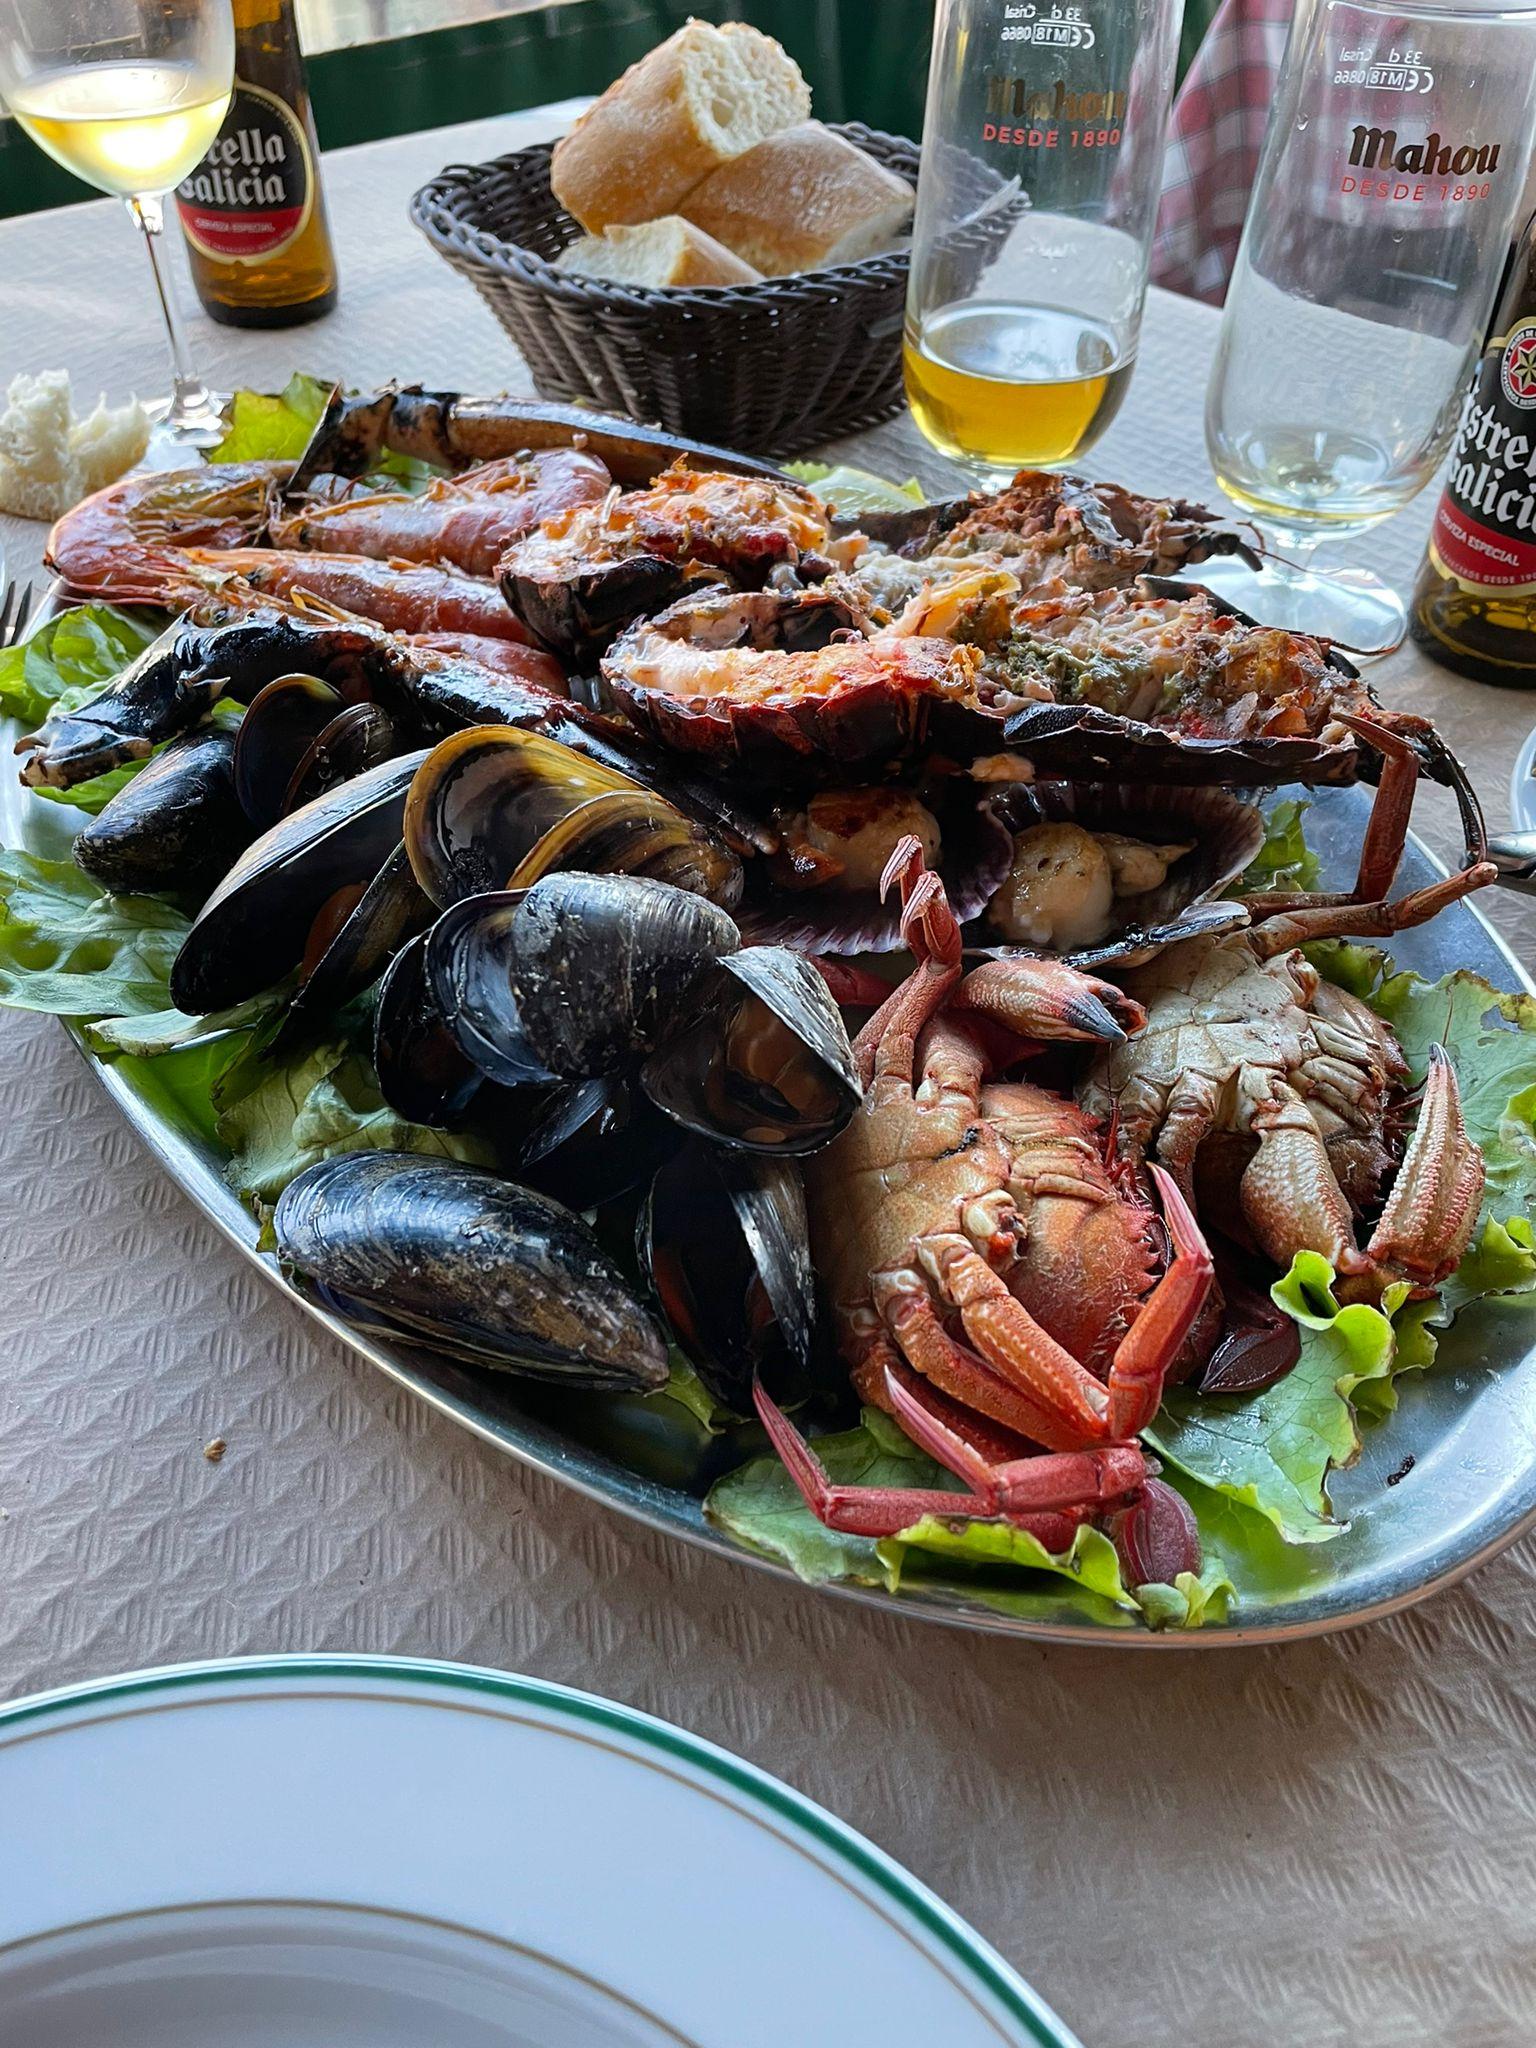 Reseñas gastronómicas: Restaurante La Tortuga en Tazones 2